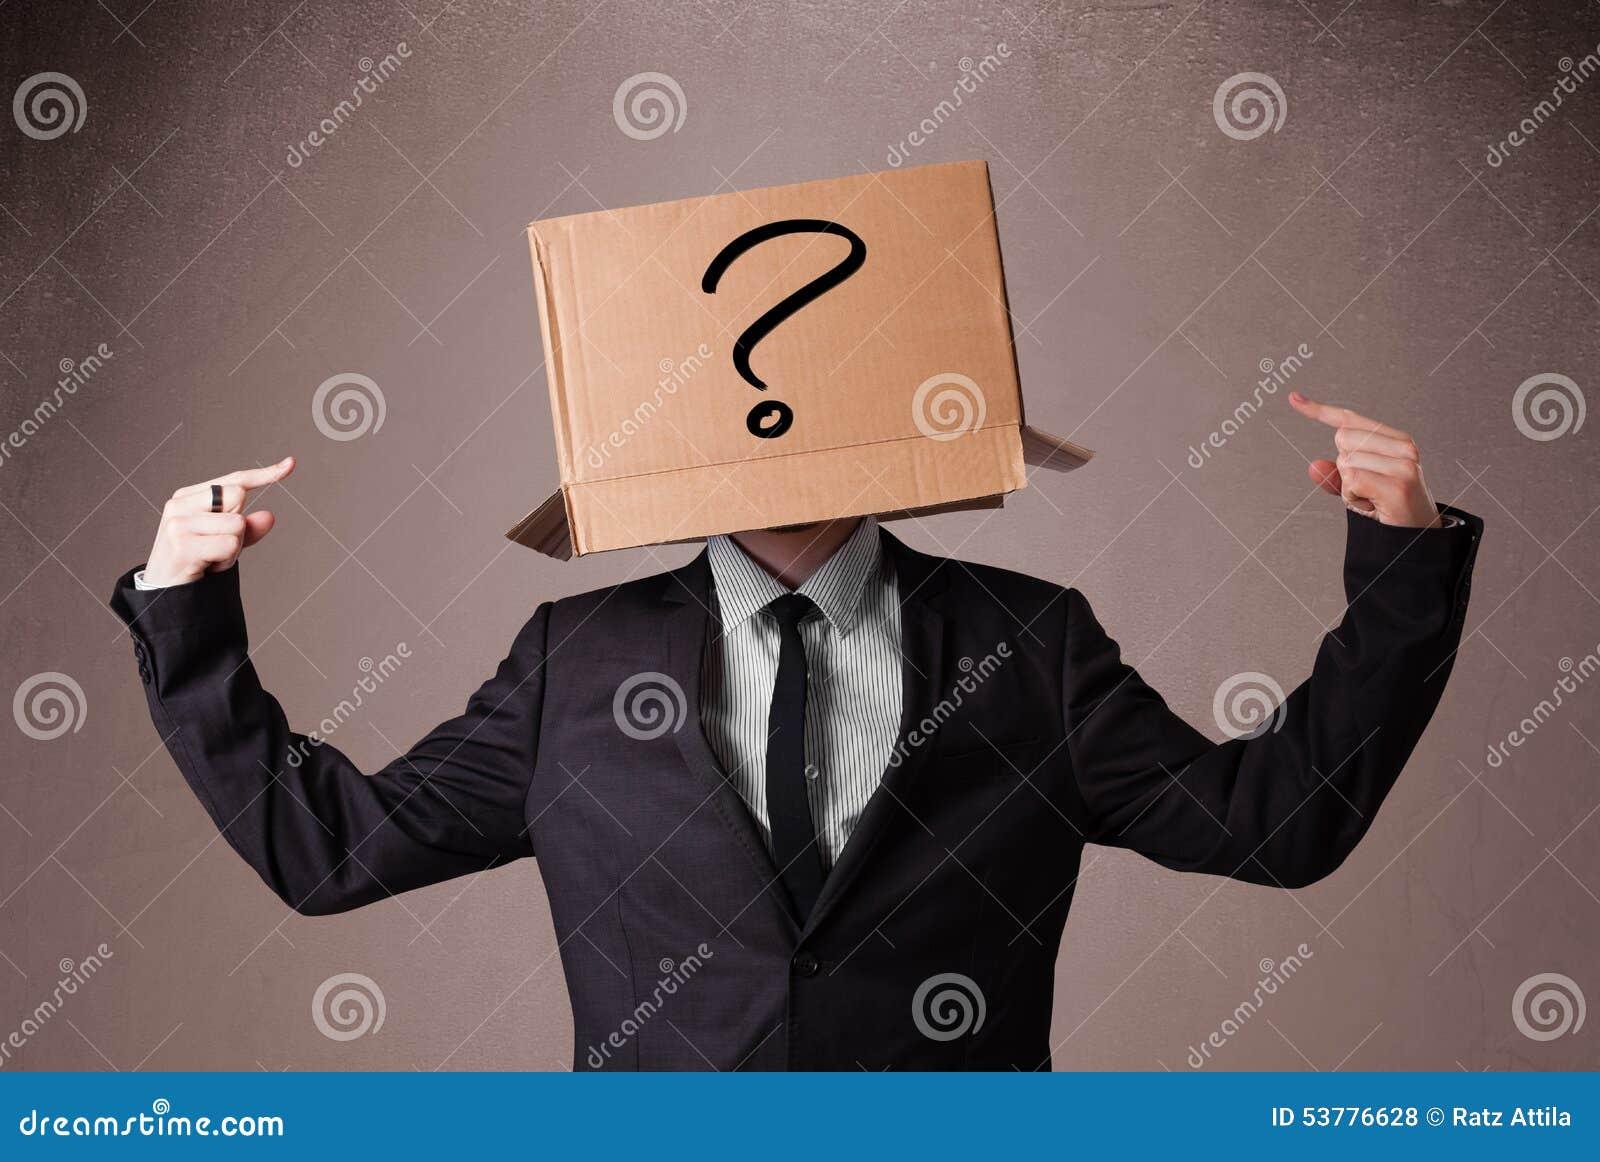 Biznesmen gestykuluje z kartonem na jego głowie z ques